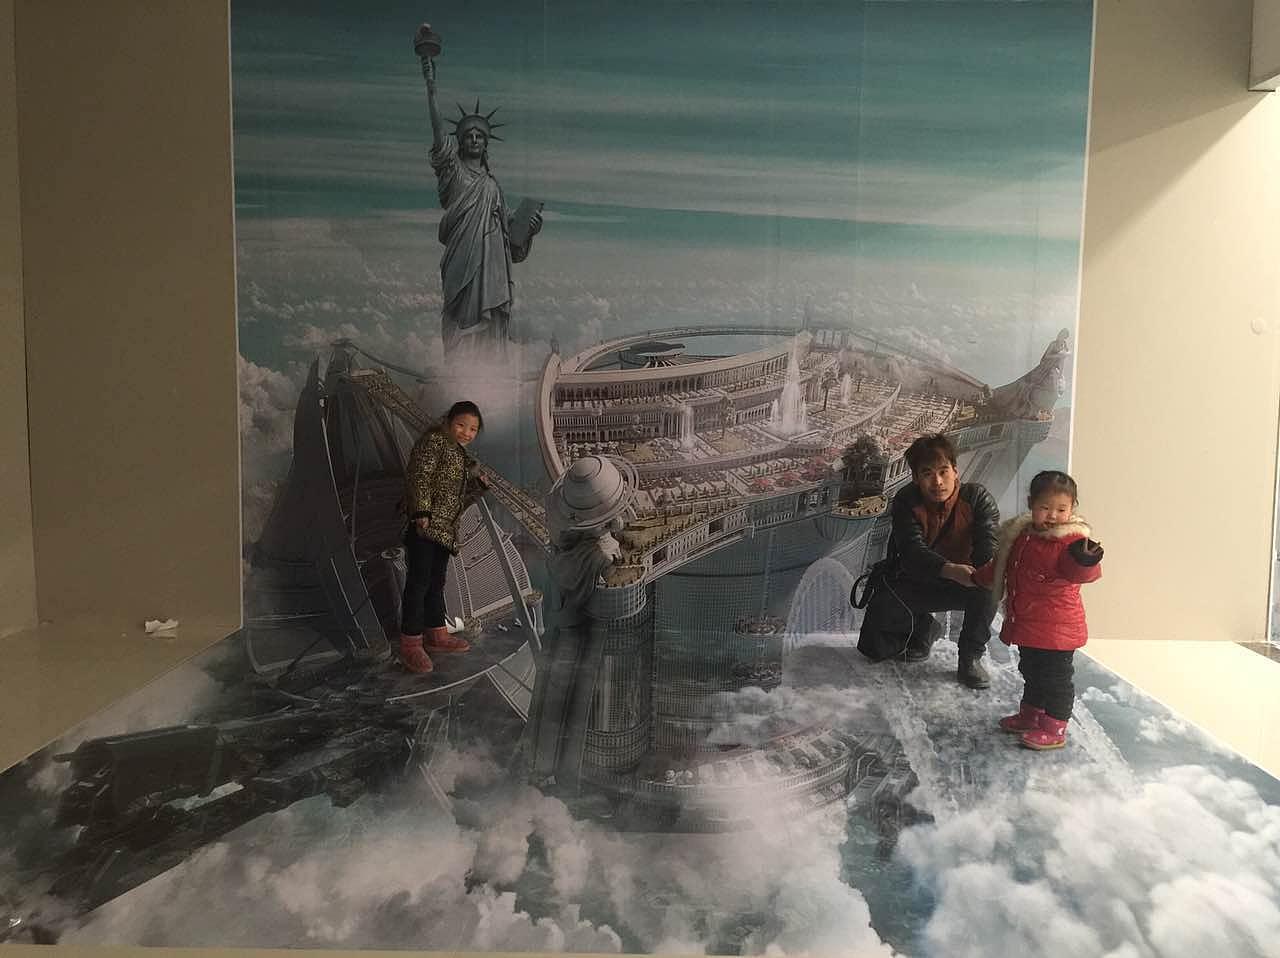 中国-西安-华阴,手绘互动3d立体画/装置艺术/错觉艺术